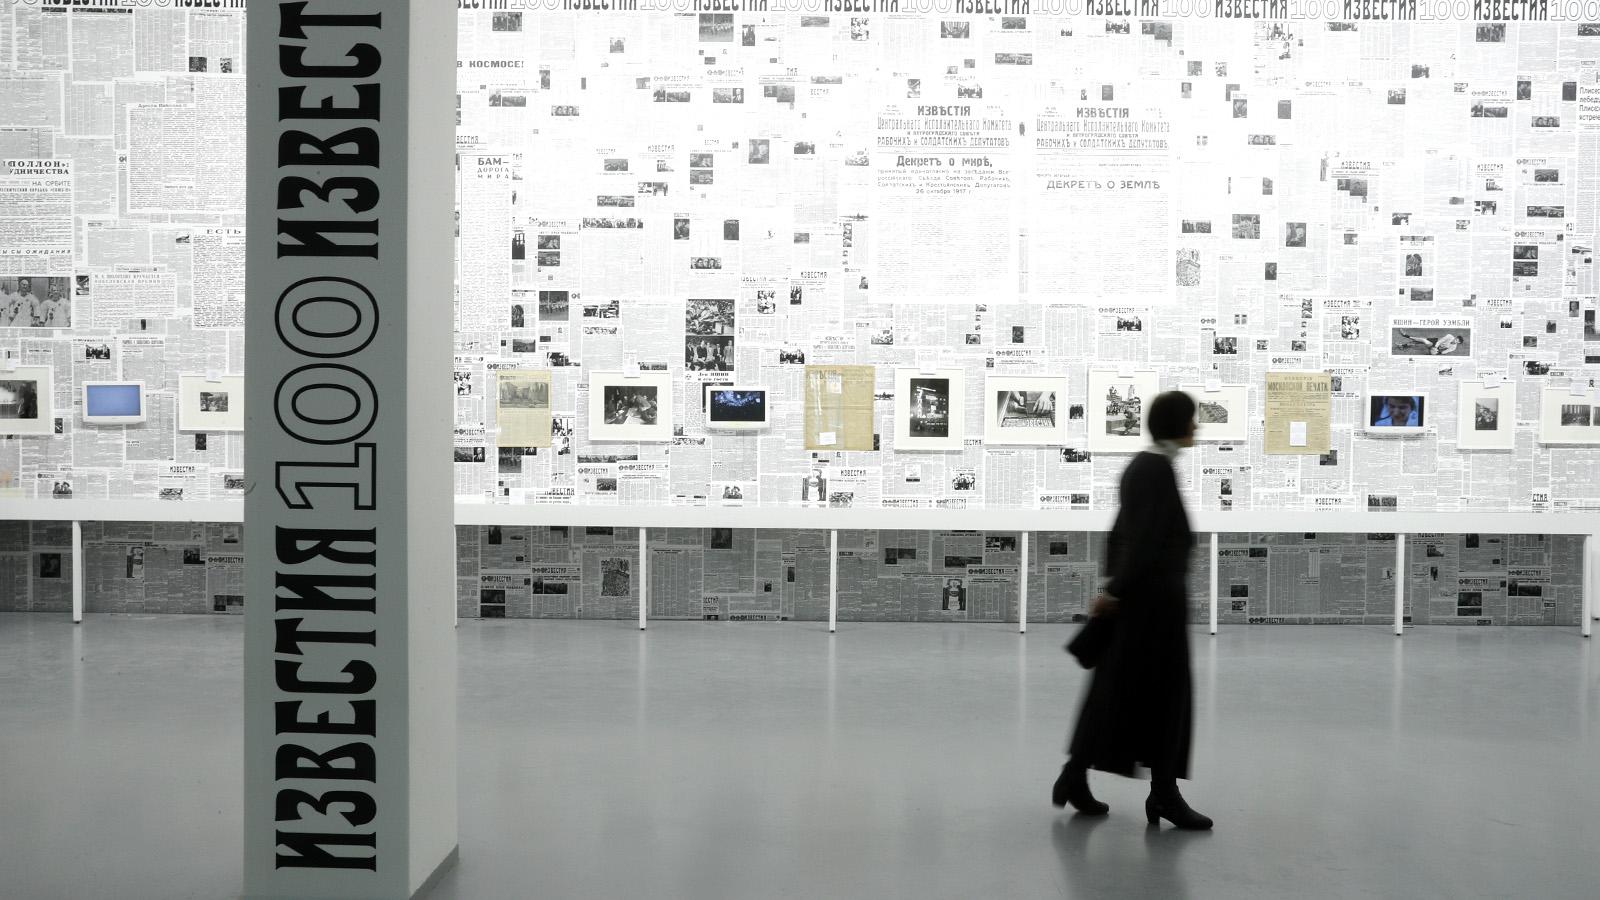 Открытие выставки «Известия»: 100 лет вместе» в Мультимедиа Арт Музее